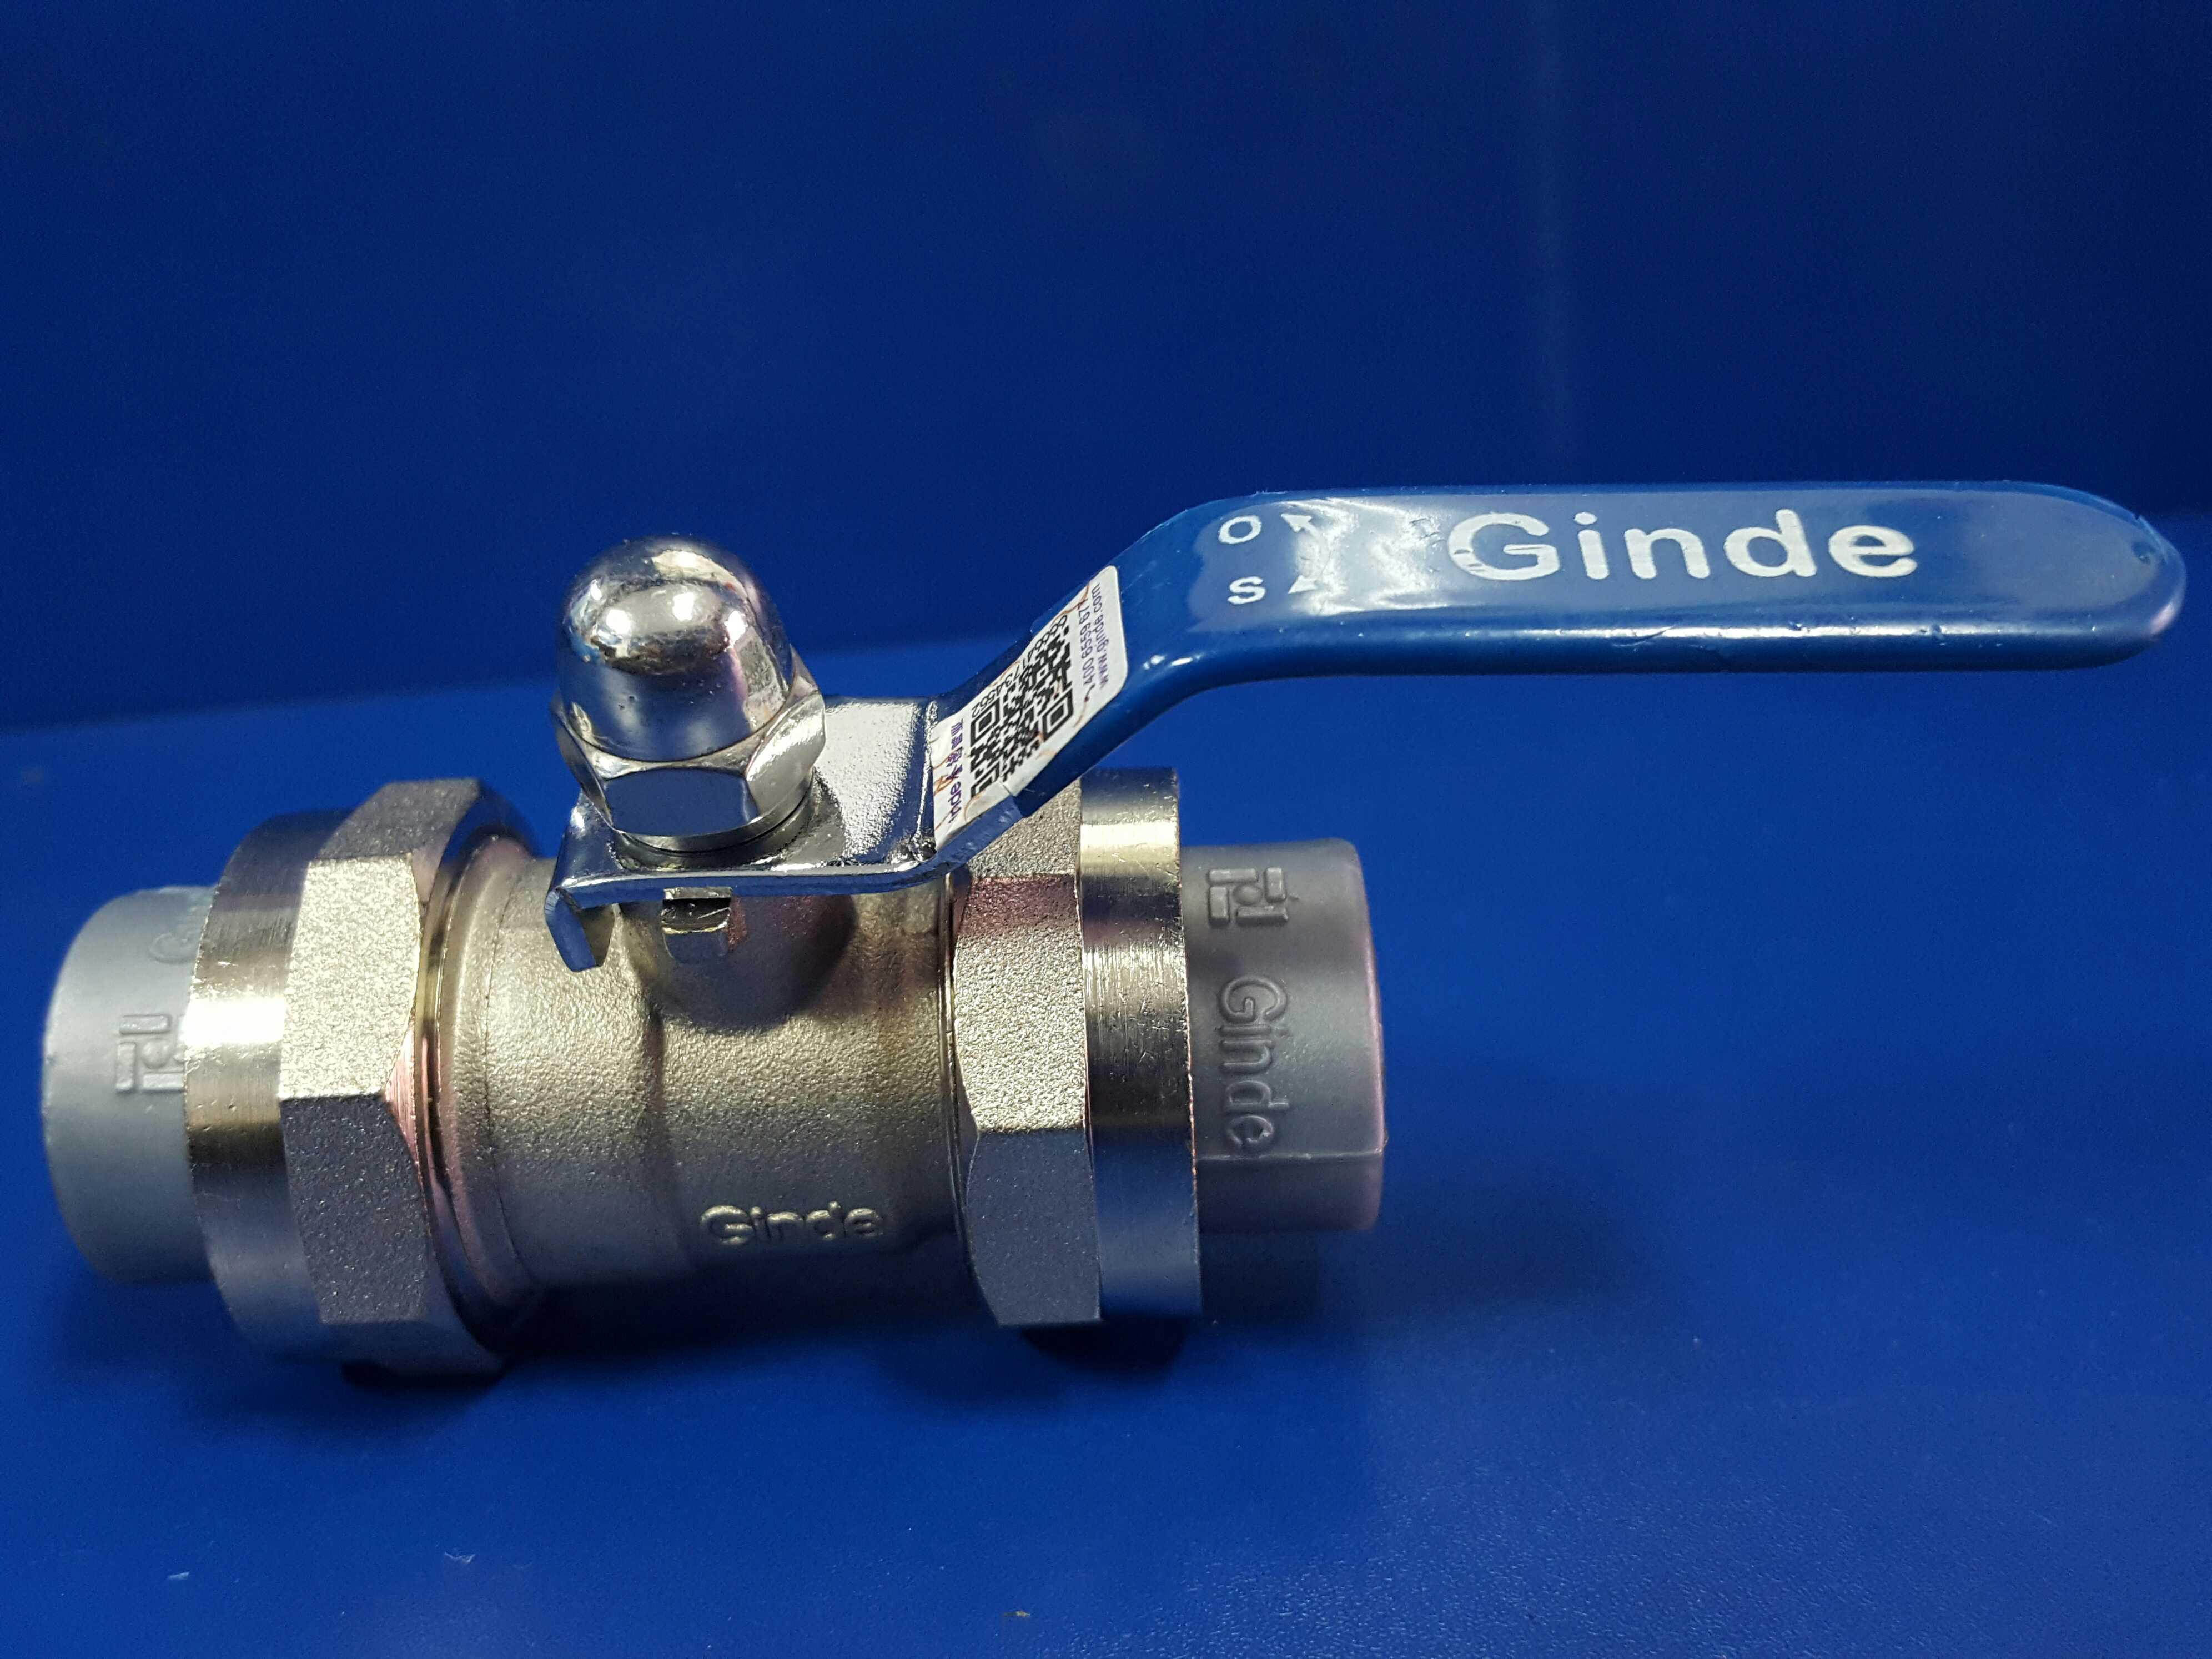 Ginde Ống nhựa Phụ kiện đường ống Jinde phụ kiện đường ống ppr chính hãng nóng chảy đôi kết nối trực